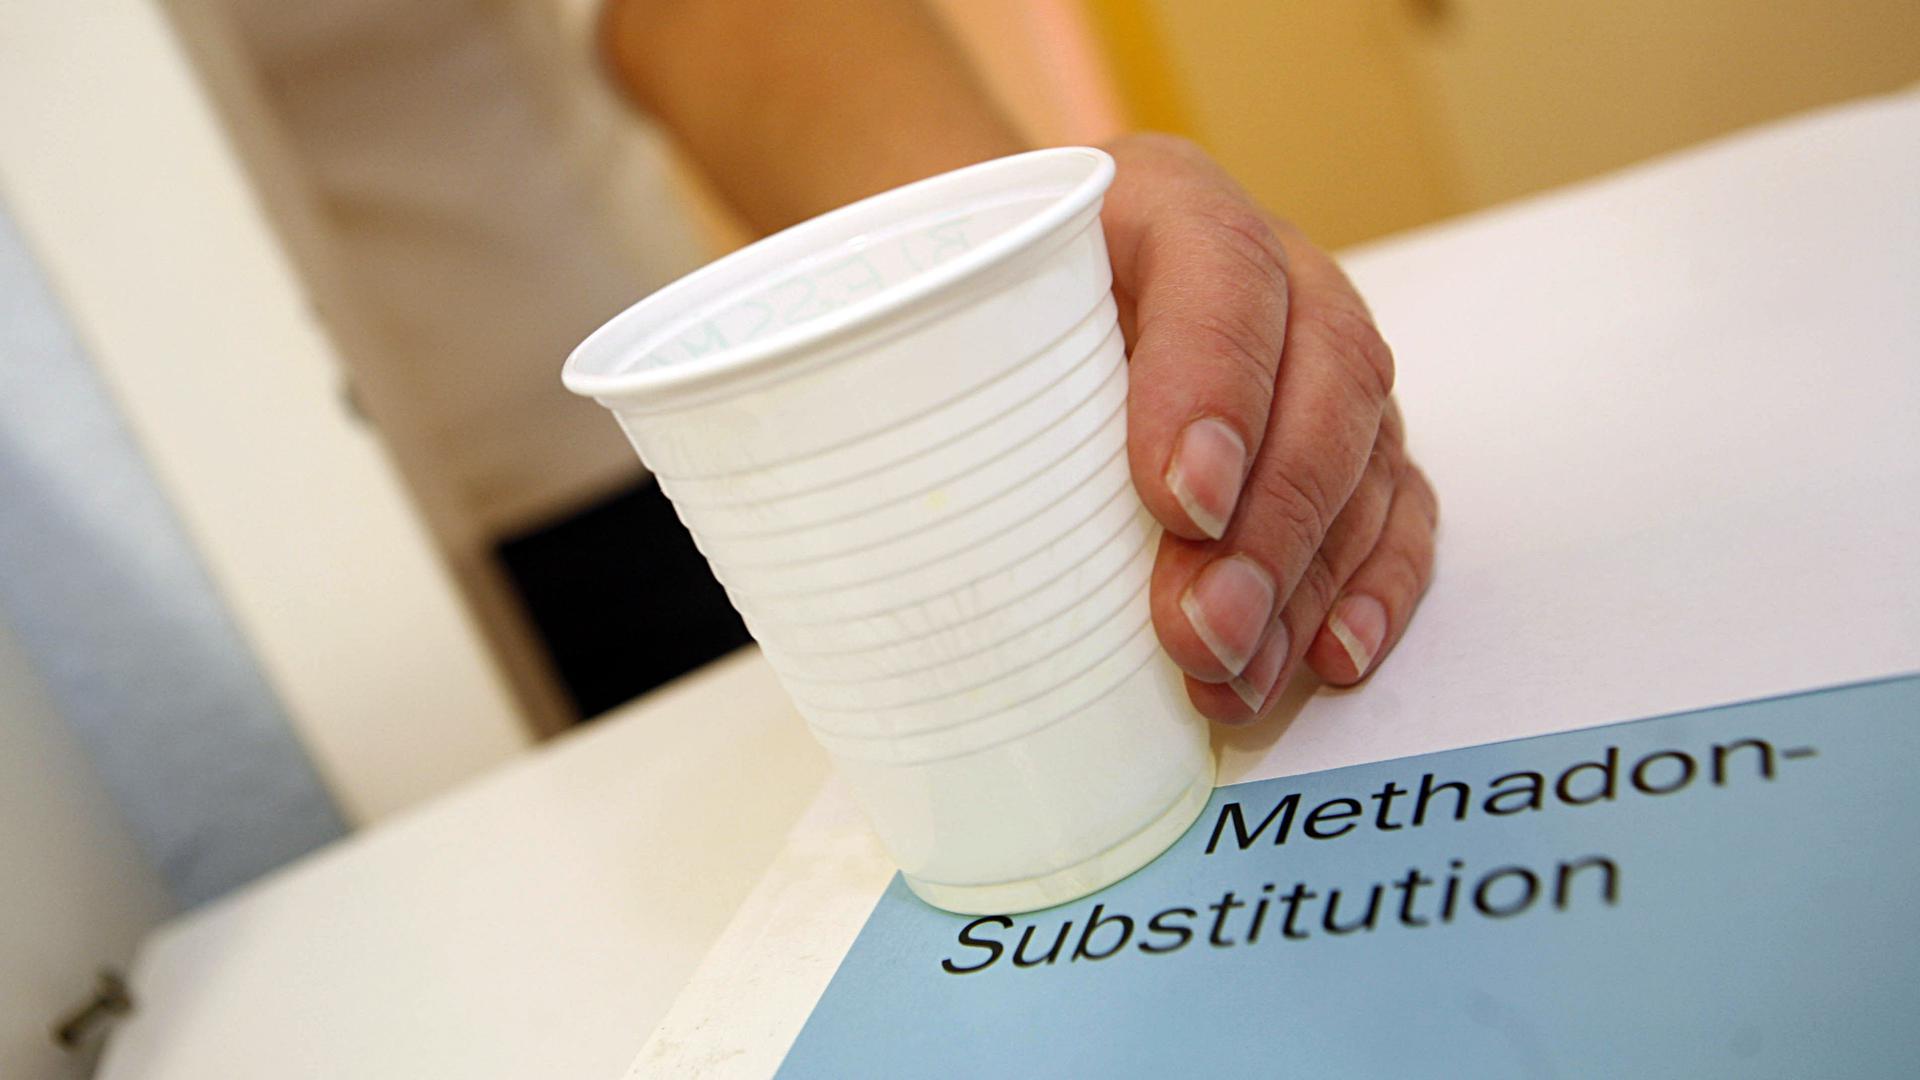 Eine Hand greift nach einem Becher mit 100 Milligramm Methadon.